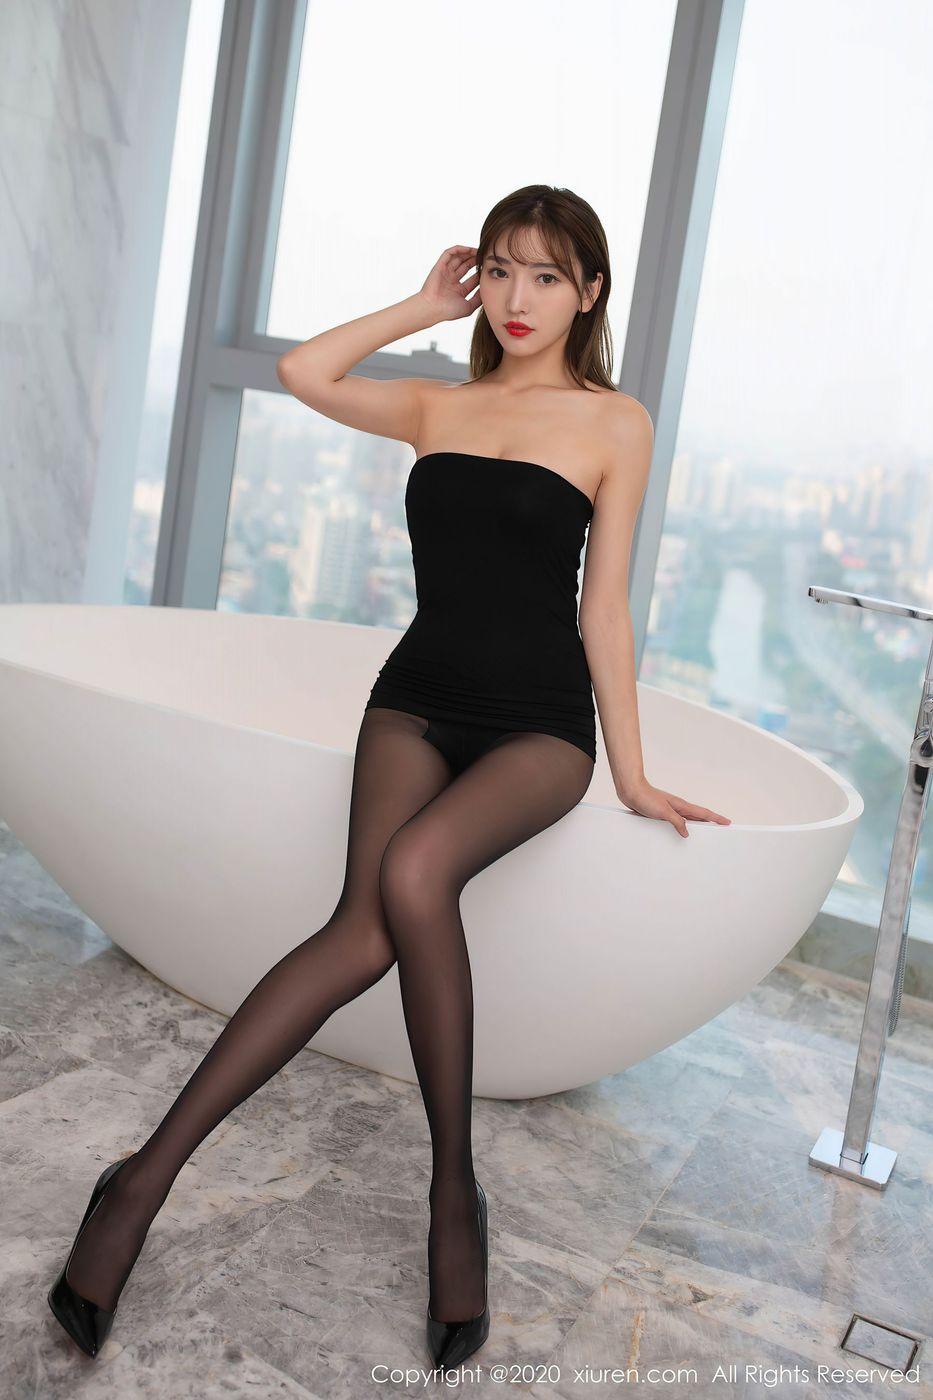 Vol.384 黑丝美腿翘臀高跟鞋腿控福利美女模特秀人网-陆萱萱完整私房照合集